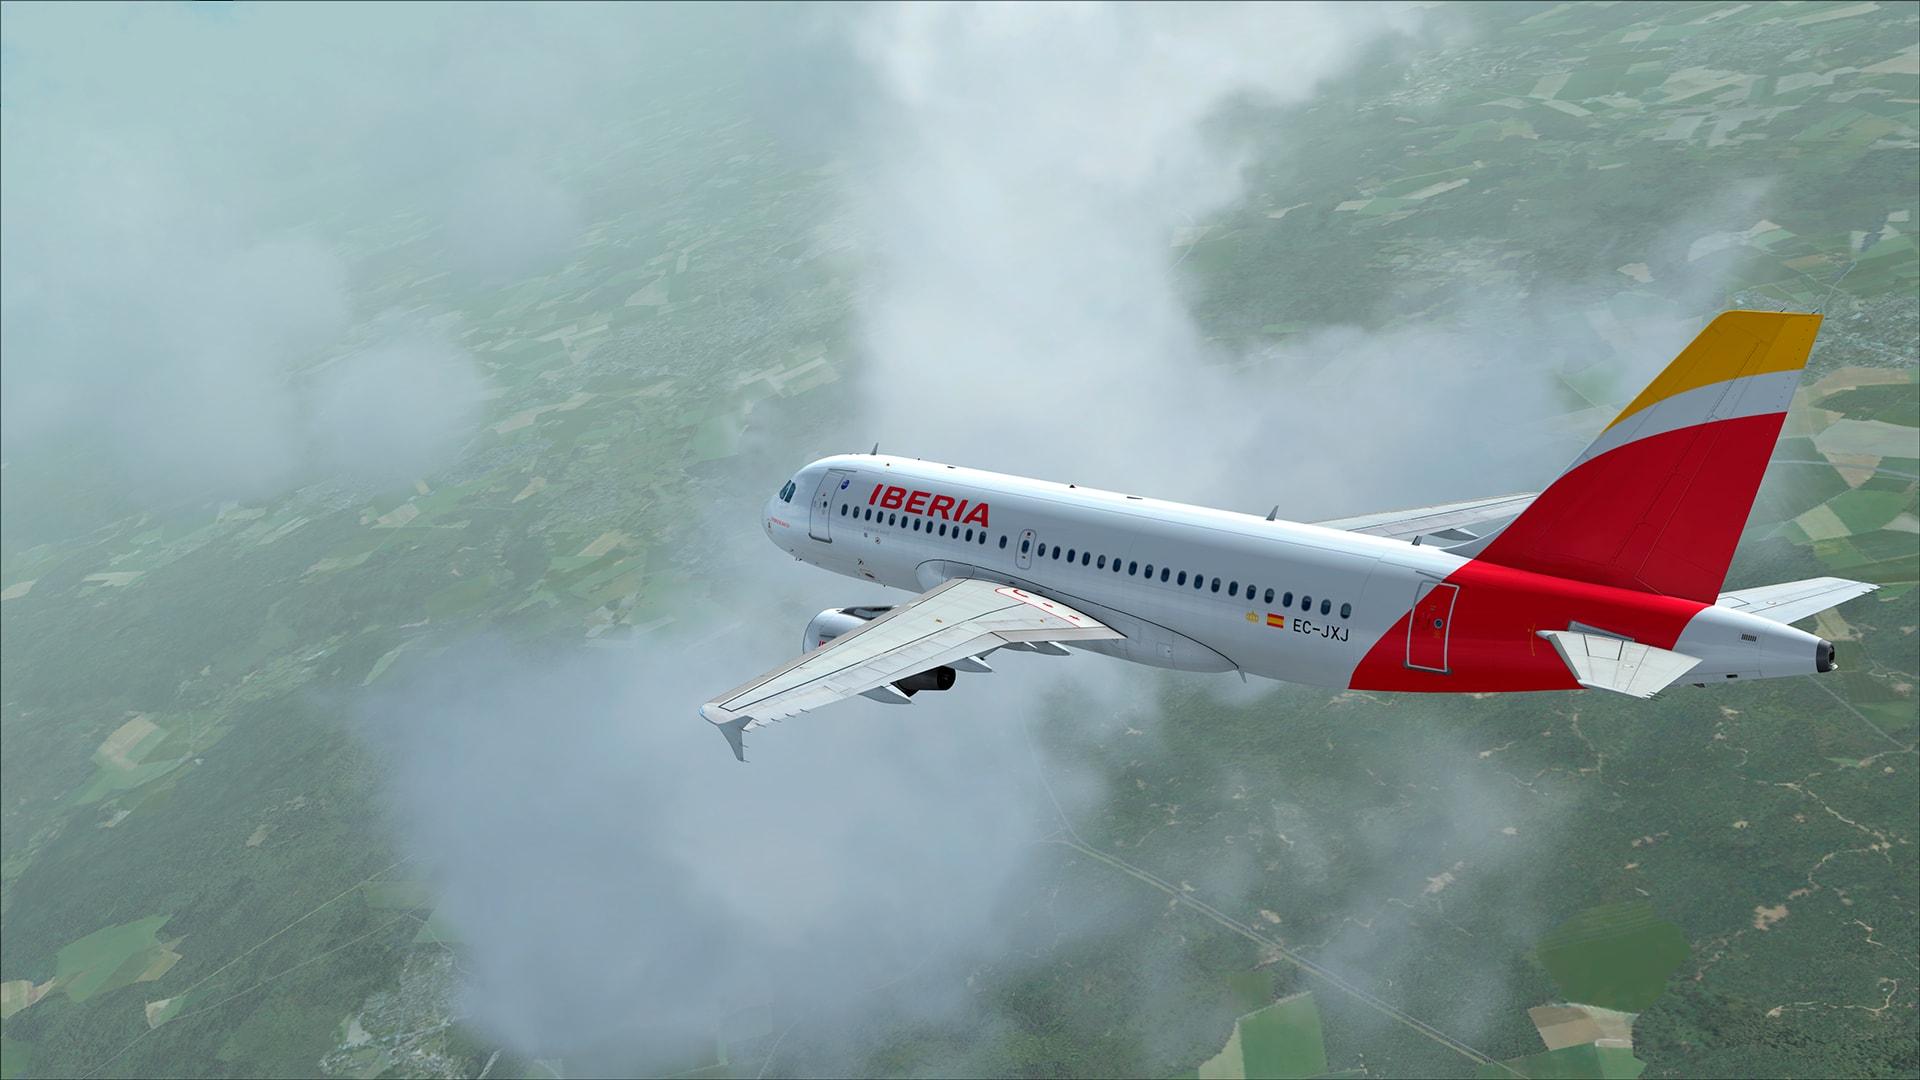 Zboruri de la Madrid la Geneva cu Iberia